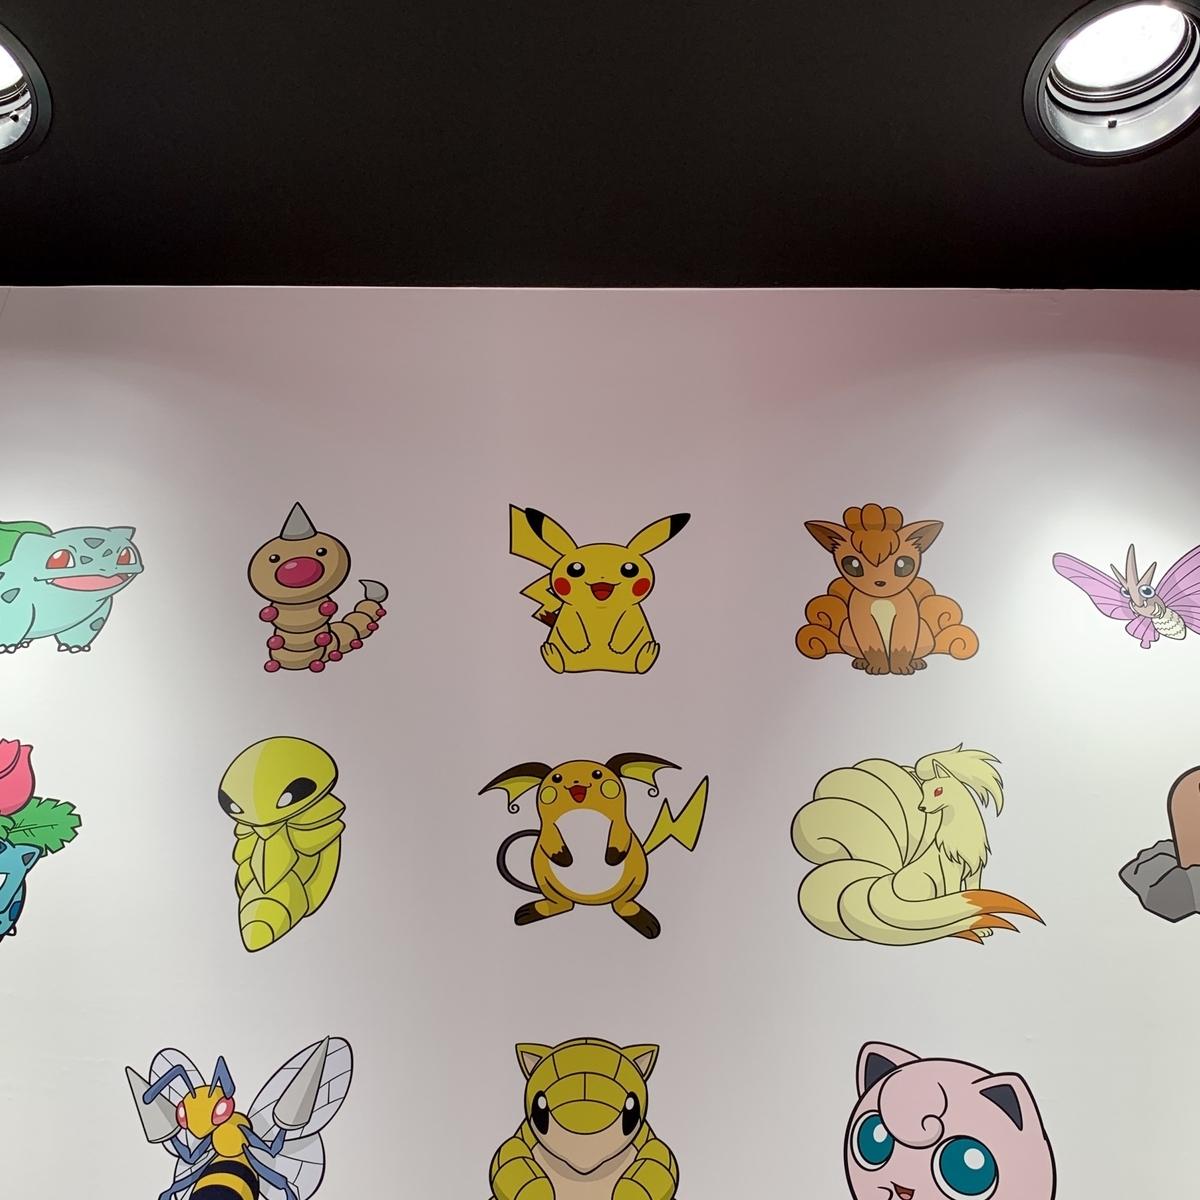 f:id:pikachu_pcn:20200606185439j:plain